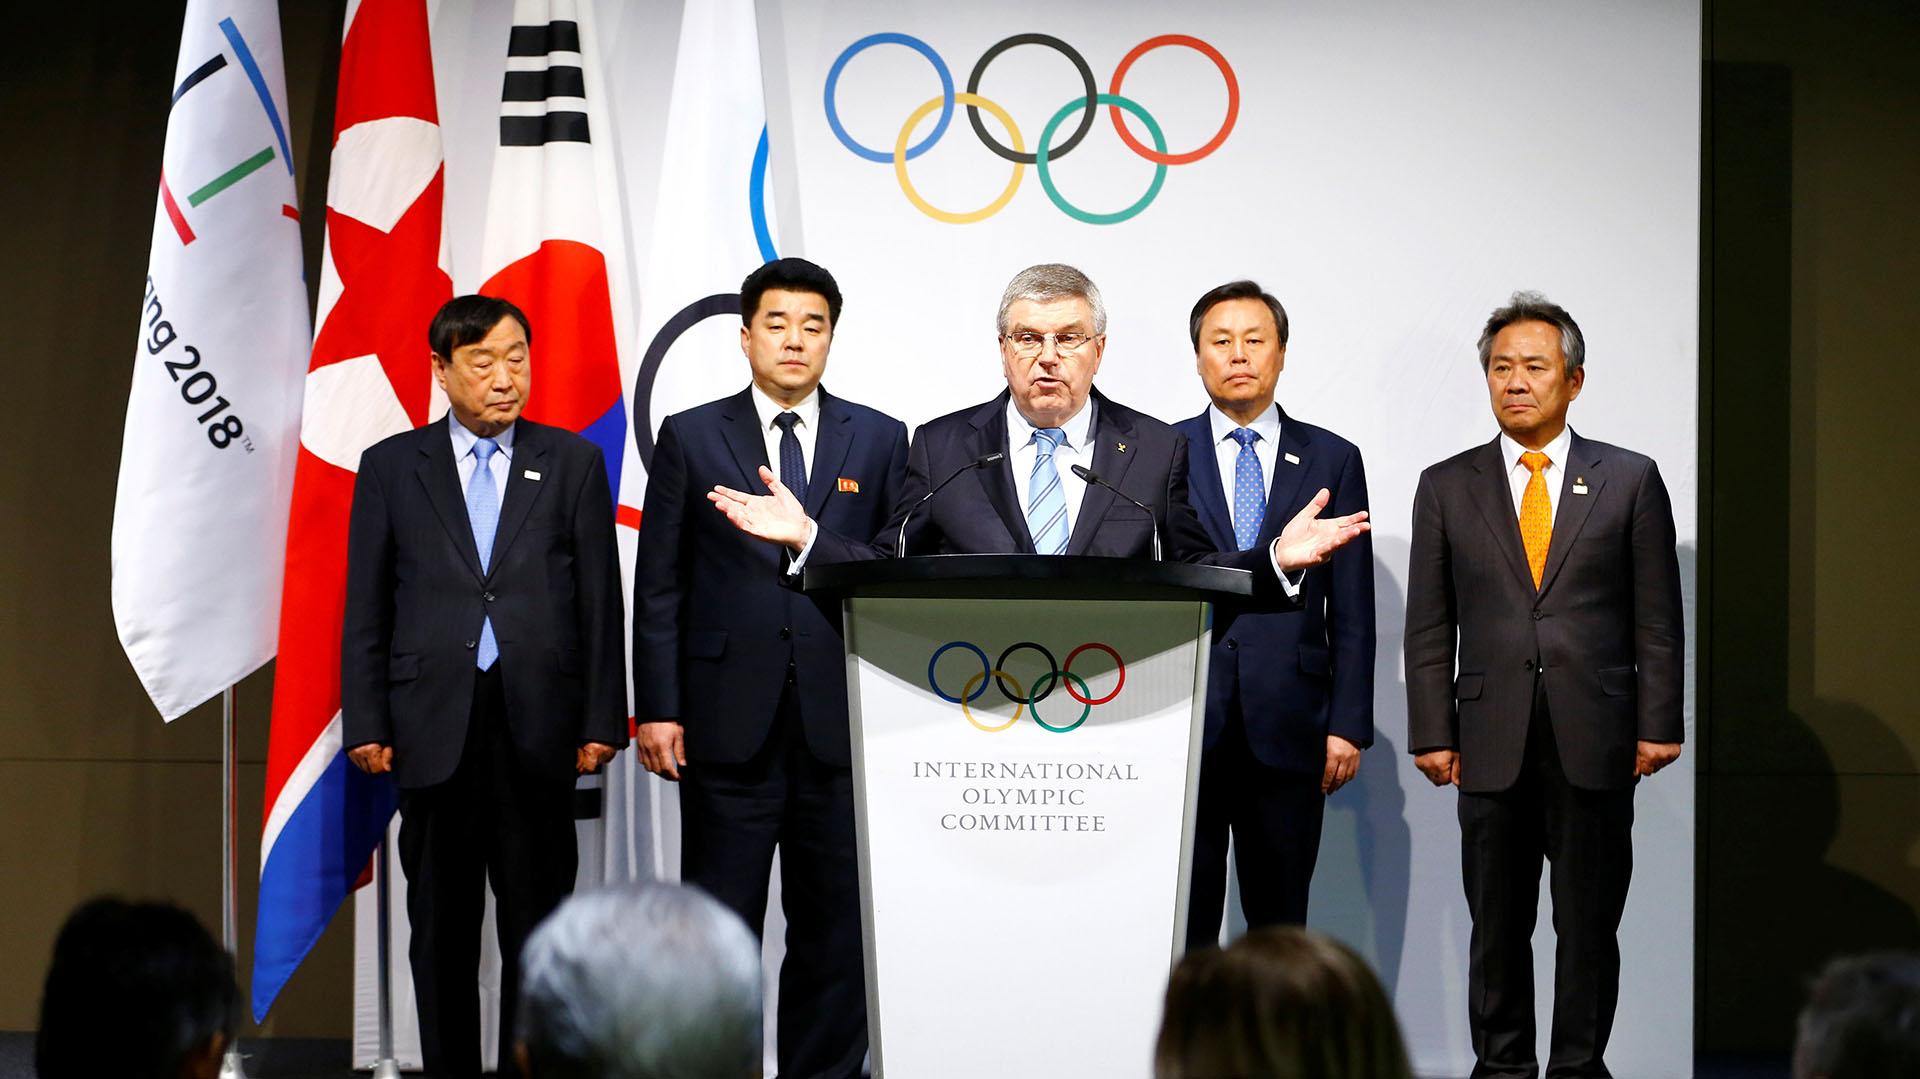 Thomas Bach, presidente del COI, anunció que habrá 22 atletas norcoreanos en Pyoengchang 2018 (Reuters)